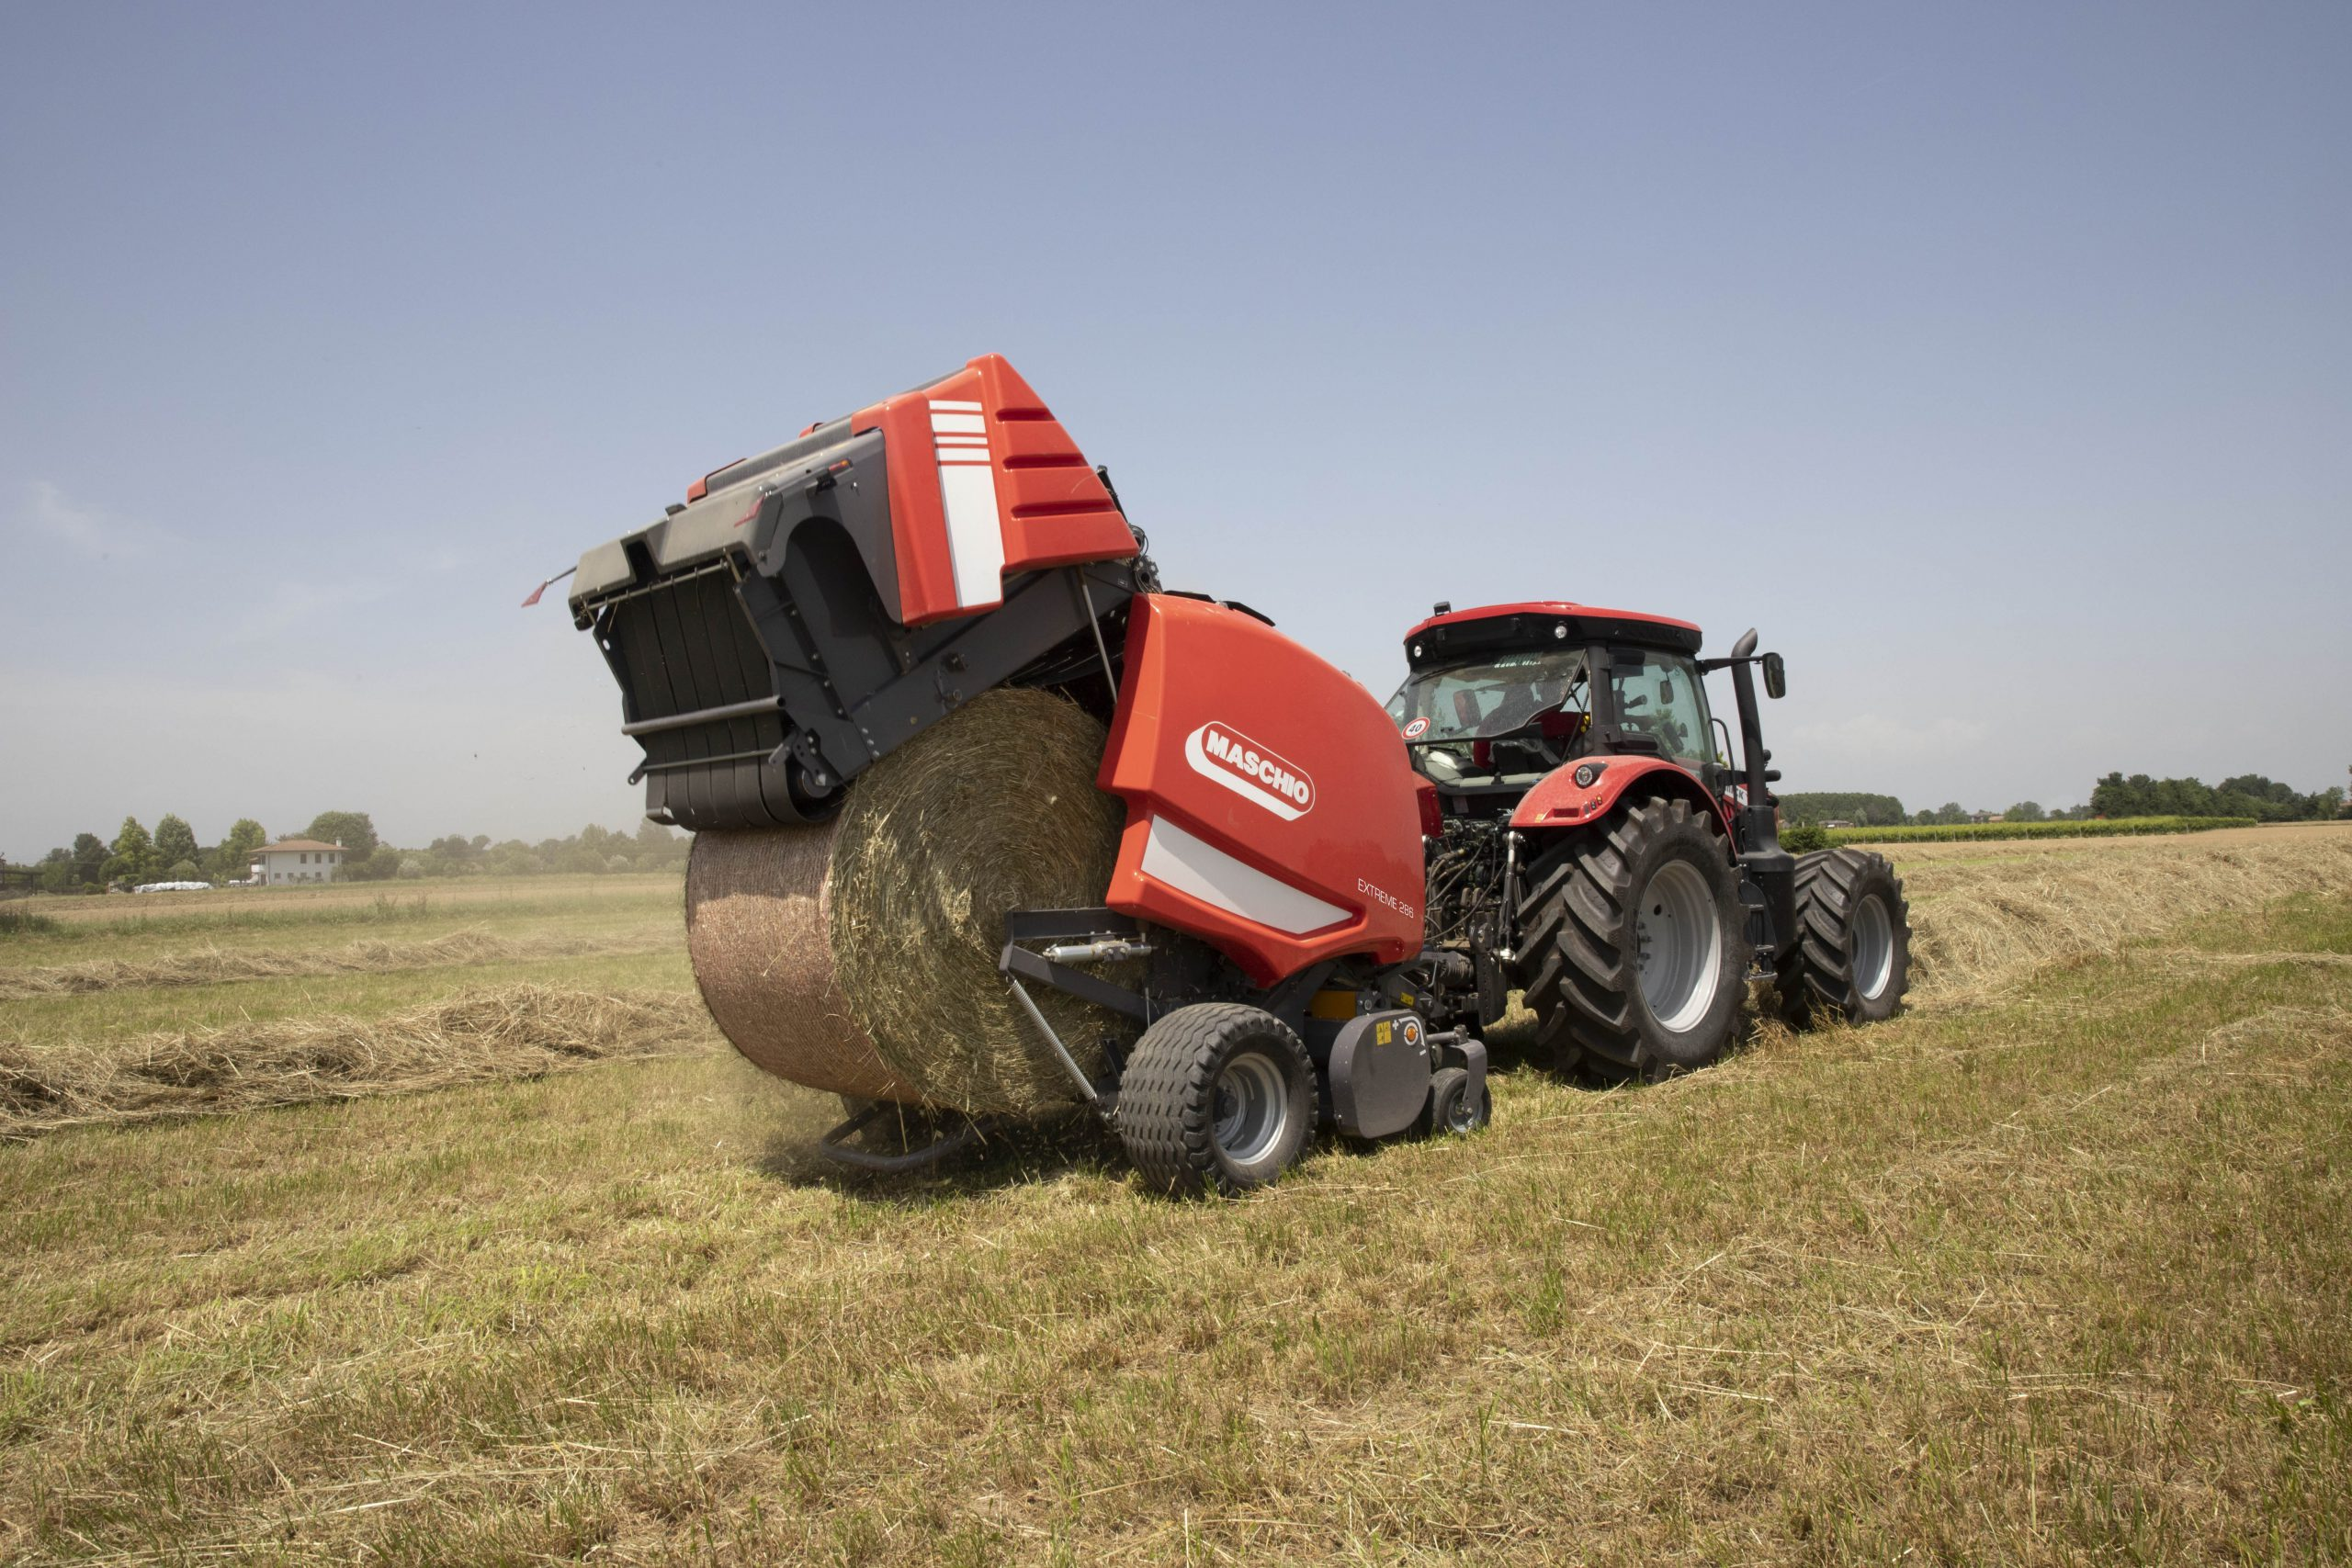 La Maschio Gaspardo Extreme 266 è stata pensata per andare incontro a ogni esigenza specifica di agricoltori e contoterzisti potendosi adattare a ogni condizione di raccolta e stoccaggio del foraggio